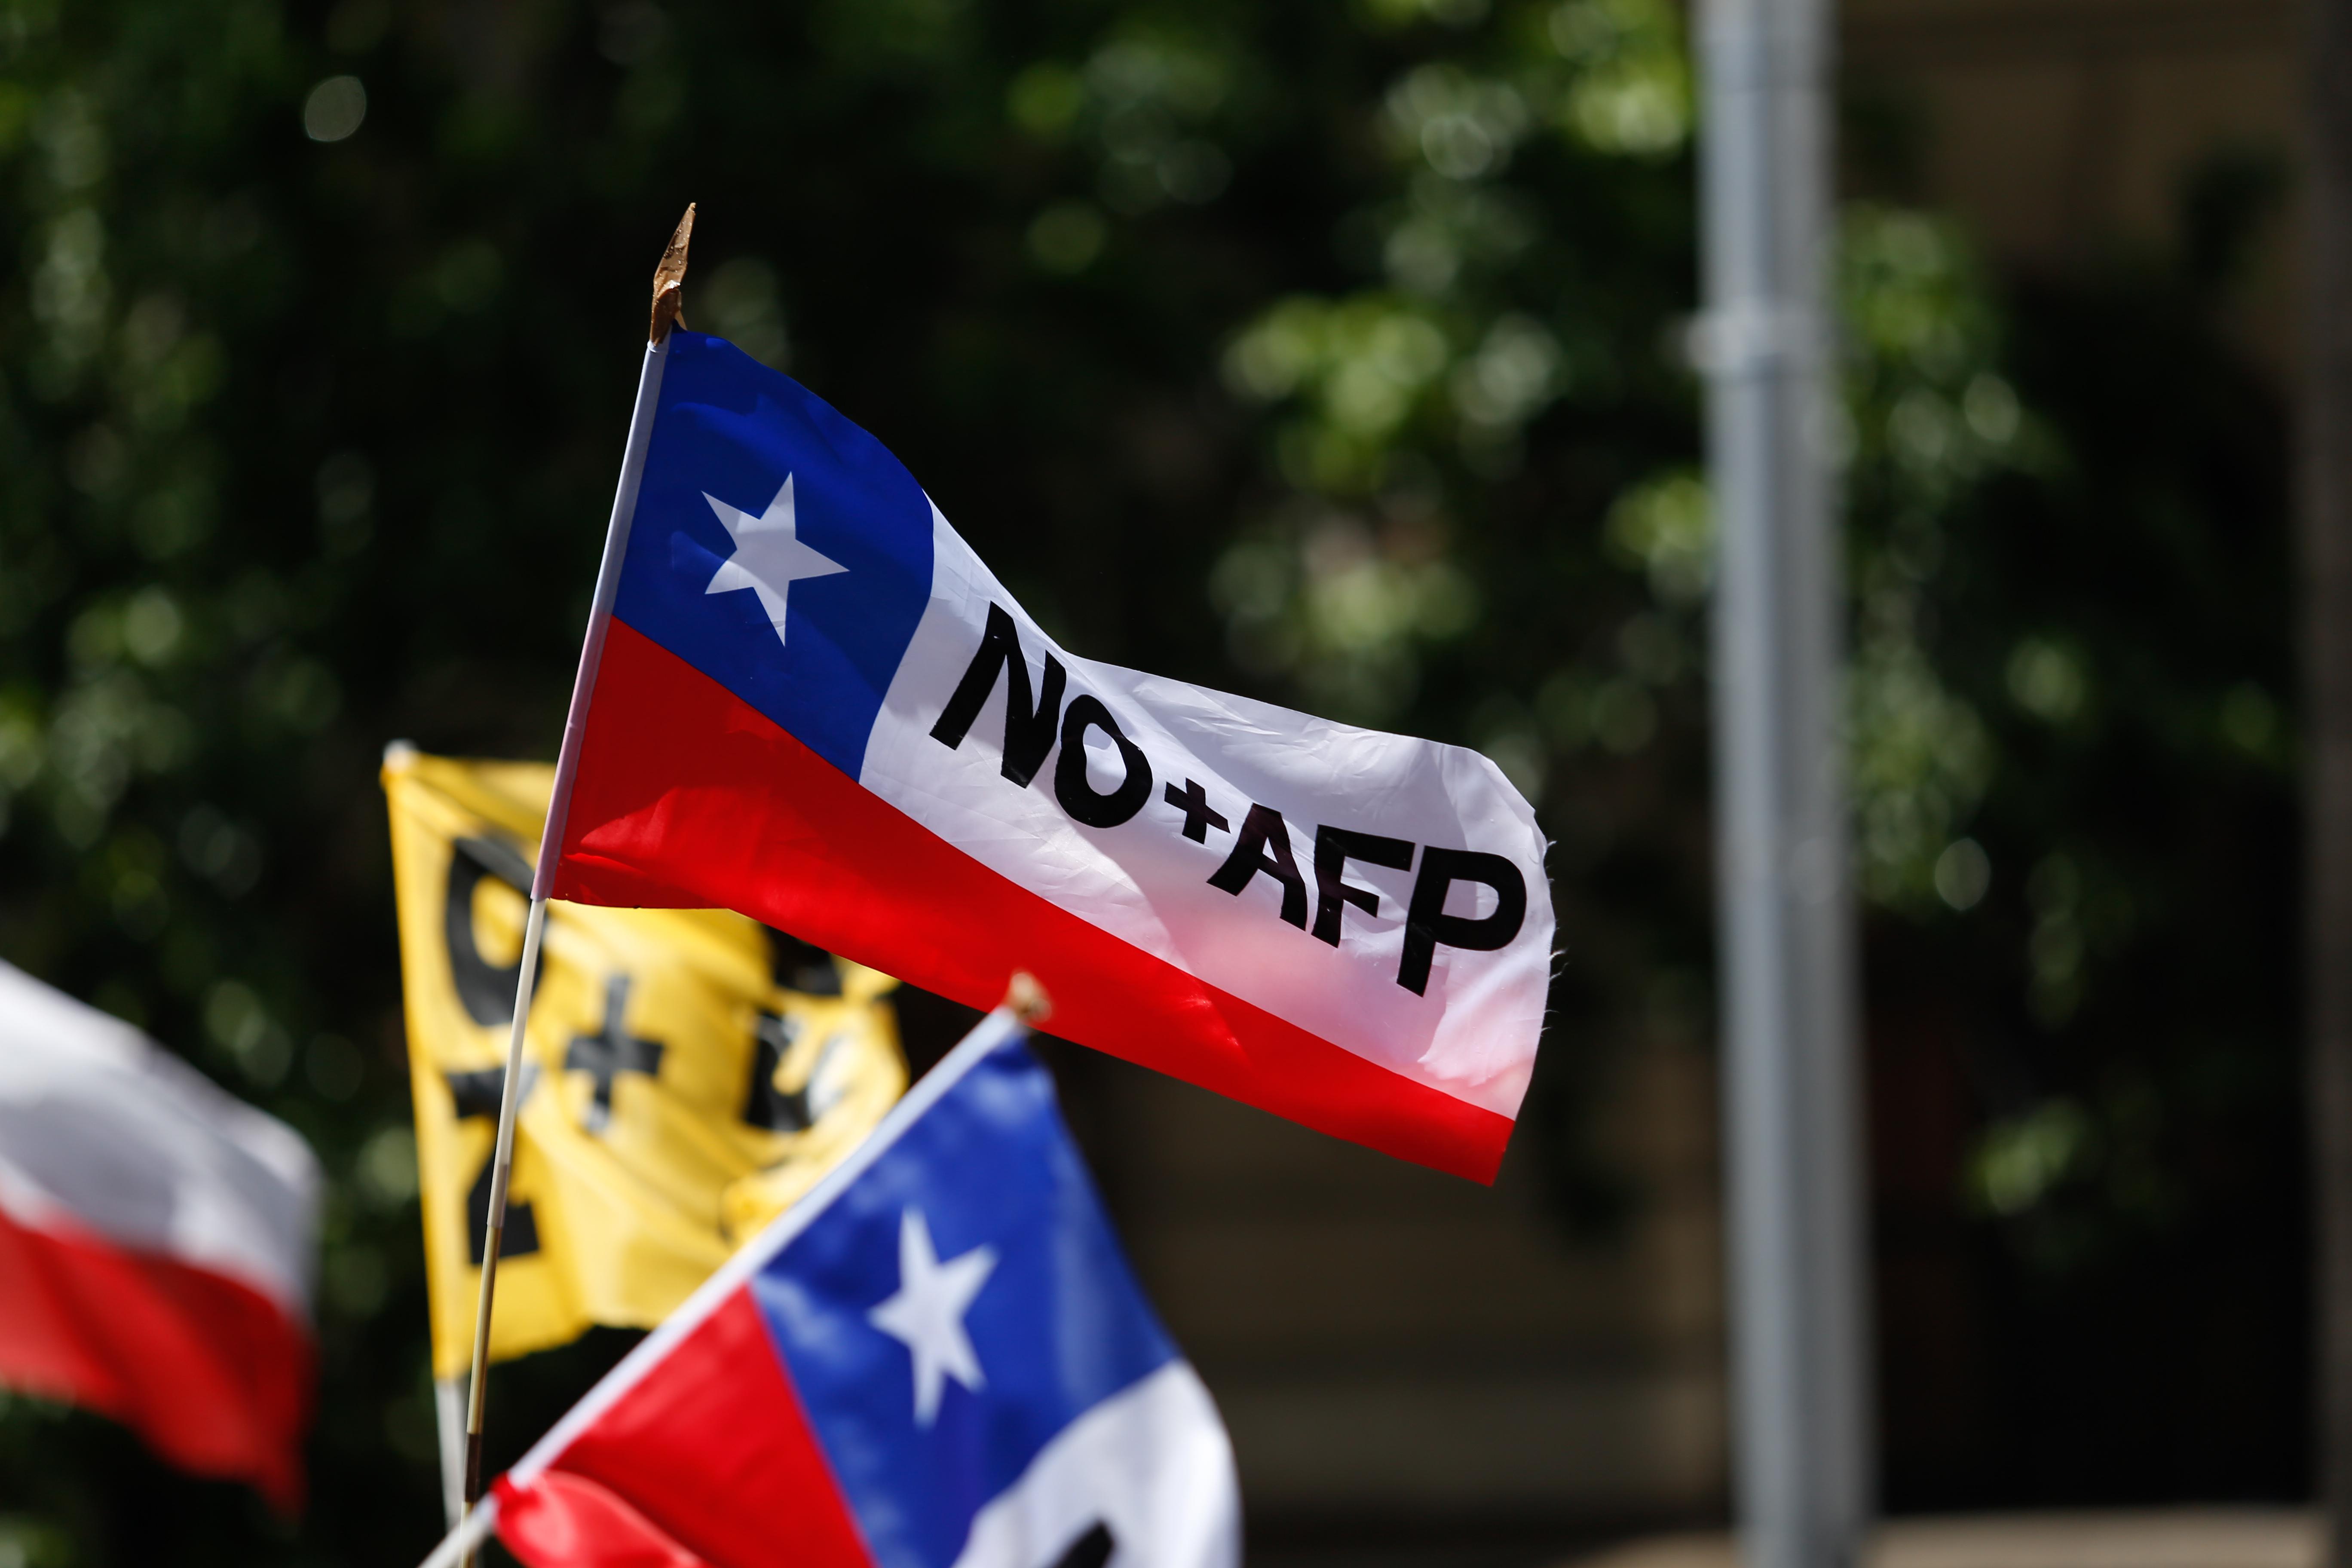 ¿Cuánto cobran las AFP? El sorprendente desconocimiento sobre sistema previsional chileno